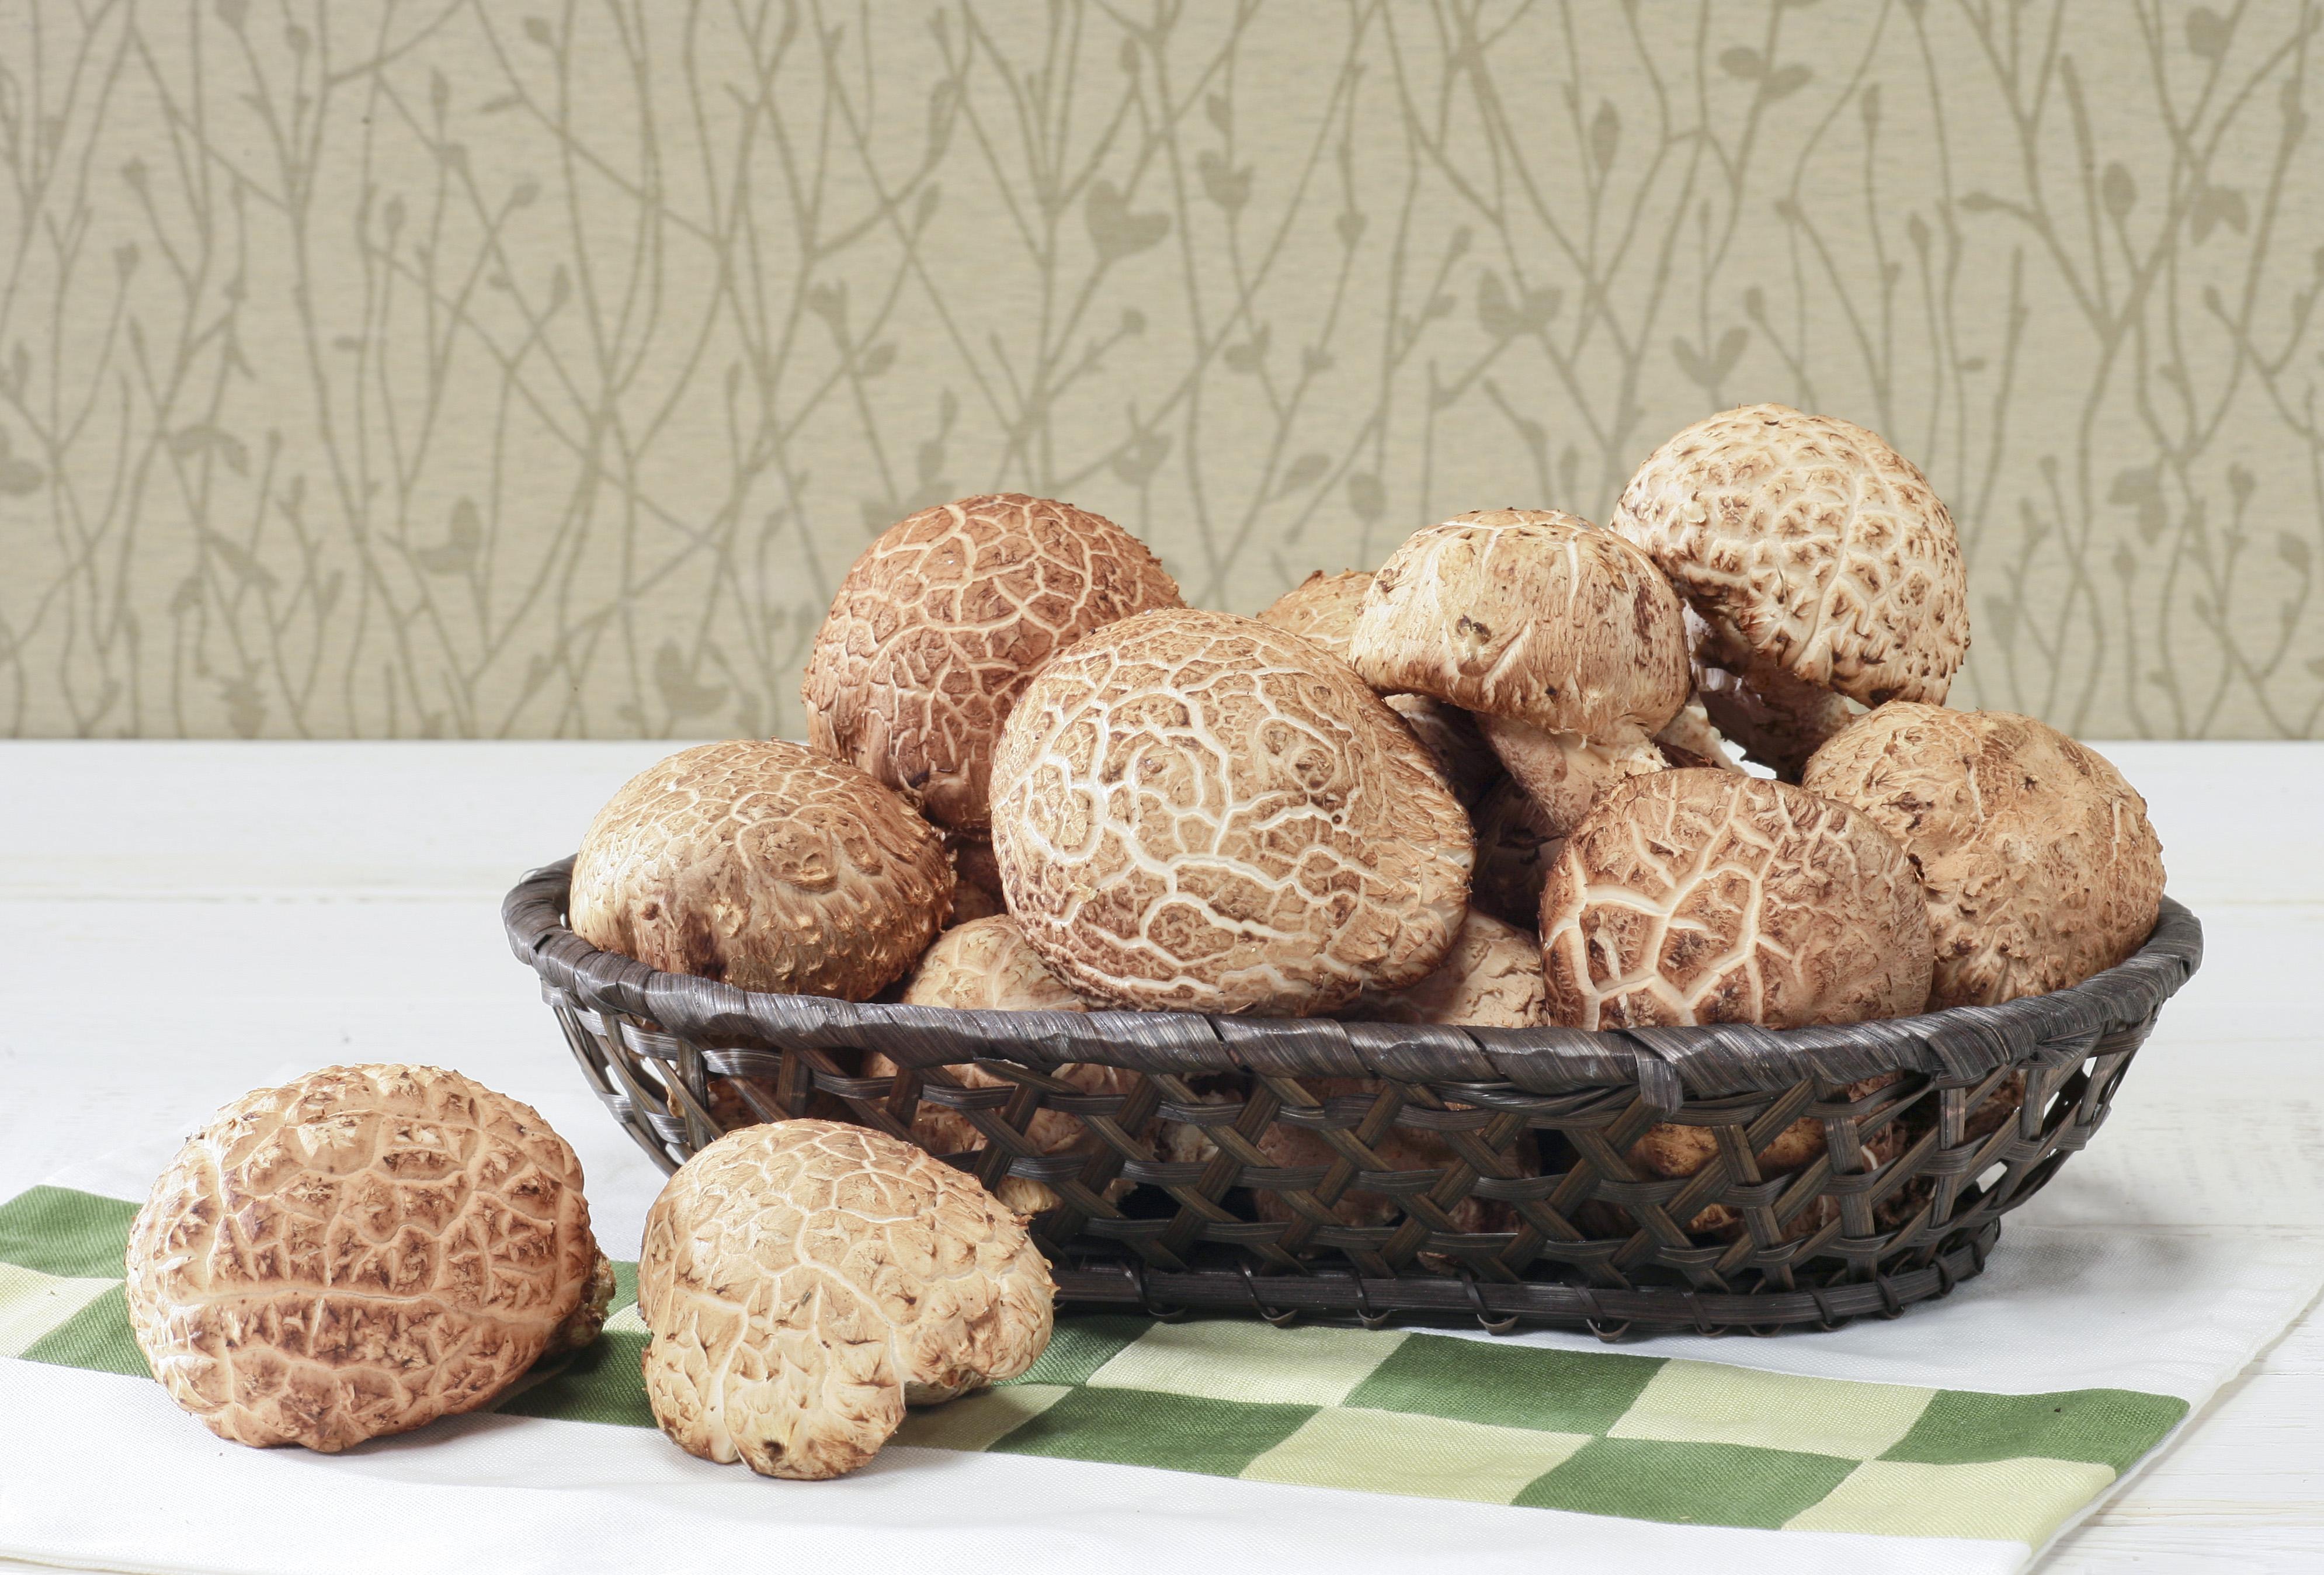 표고버섯,전라북도 장수군,지역특산물